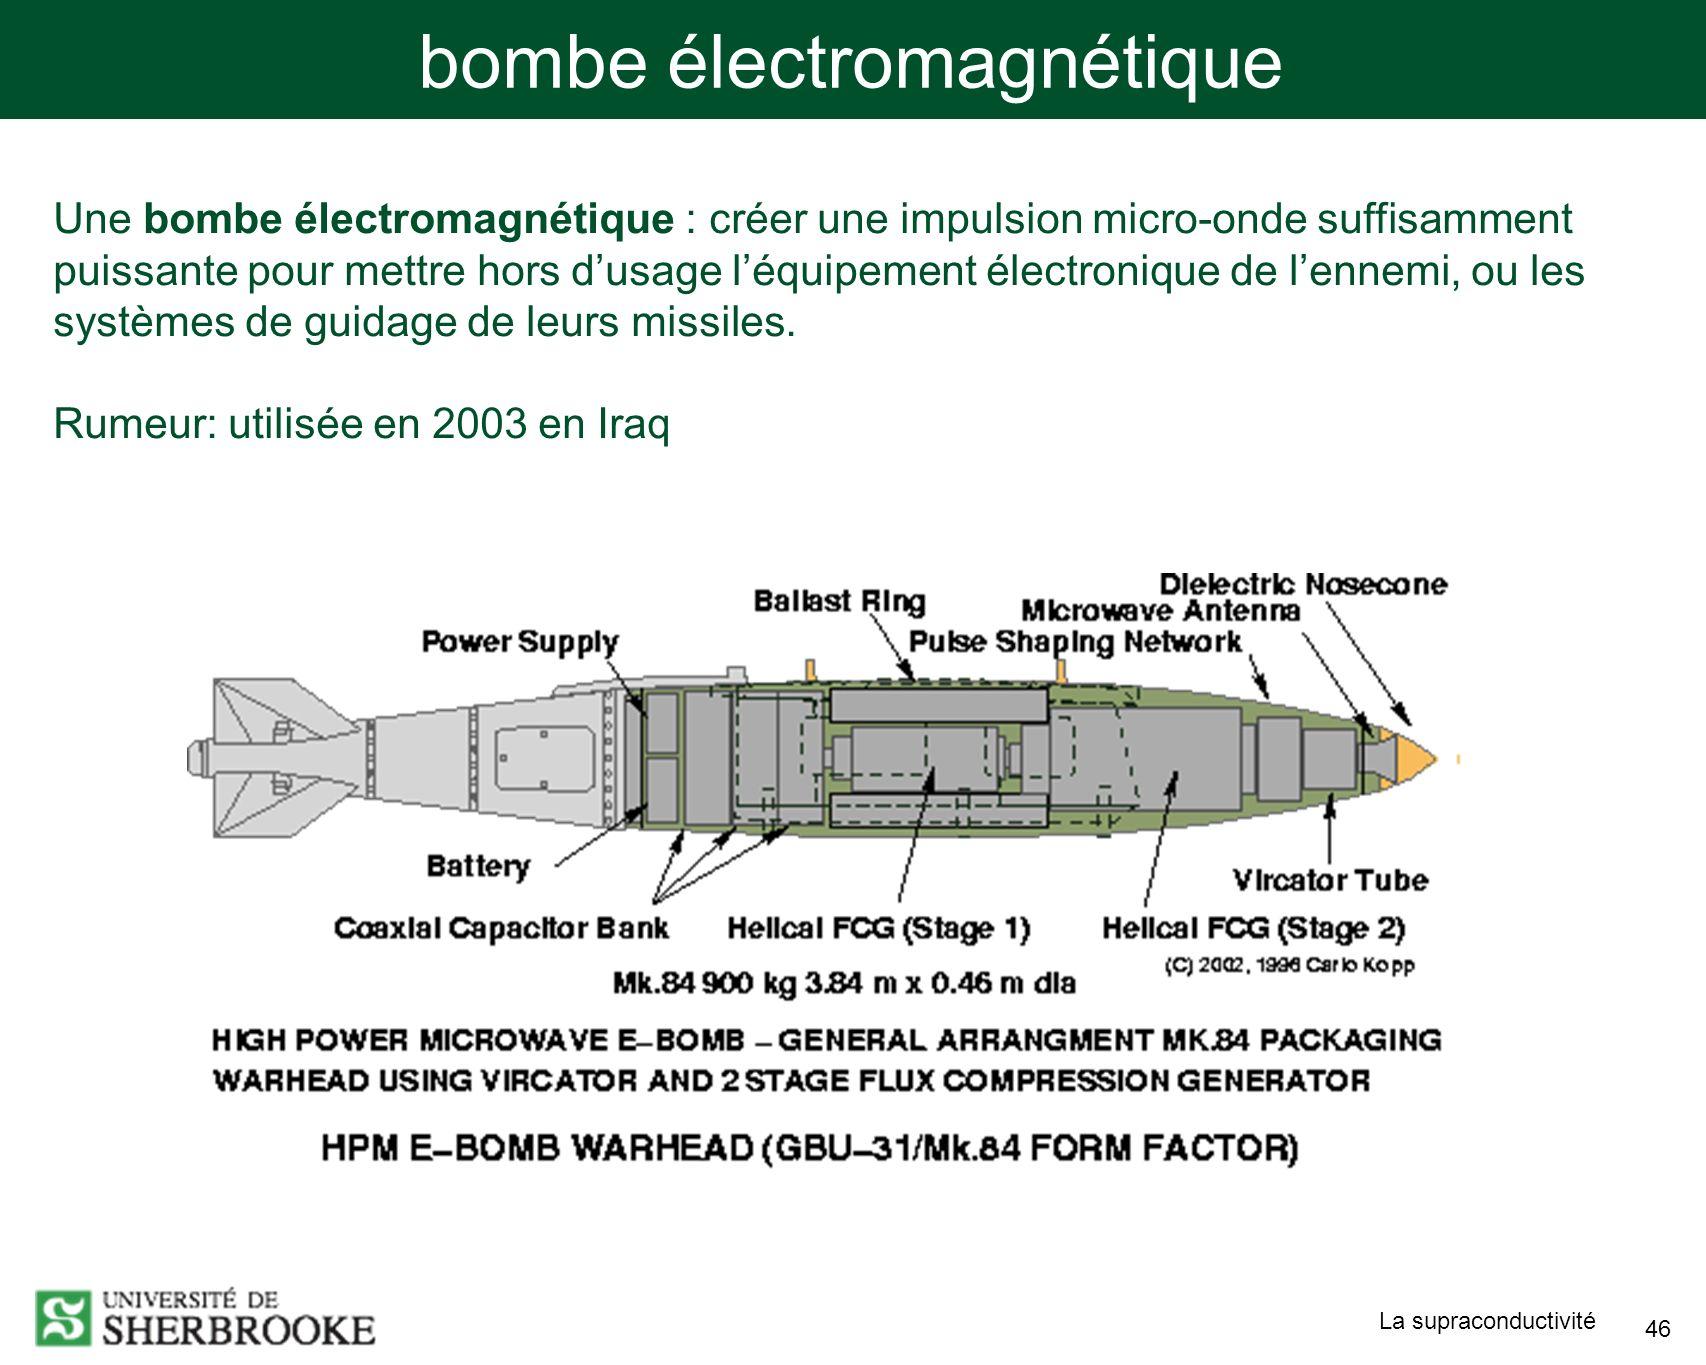 bombe électromagnétique